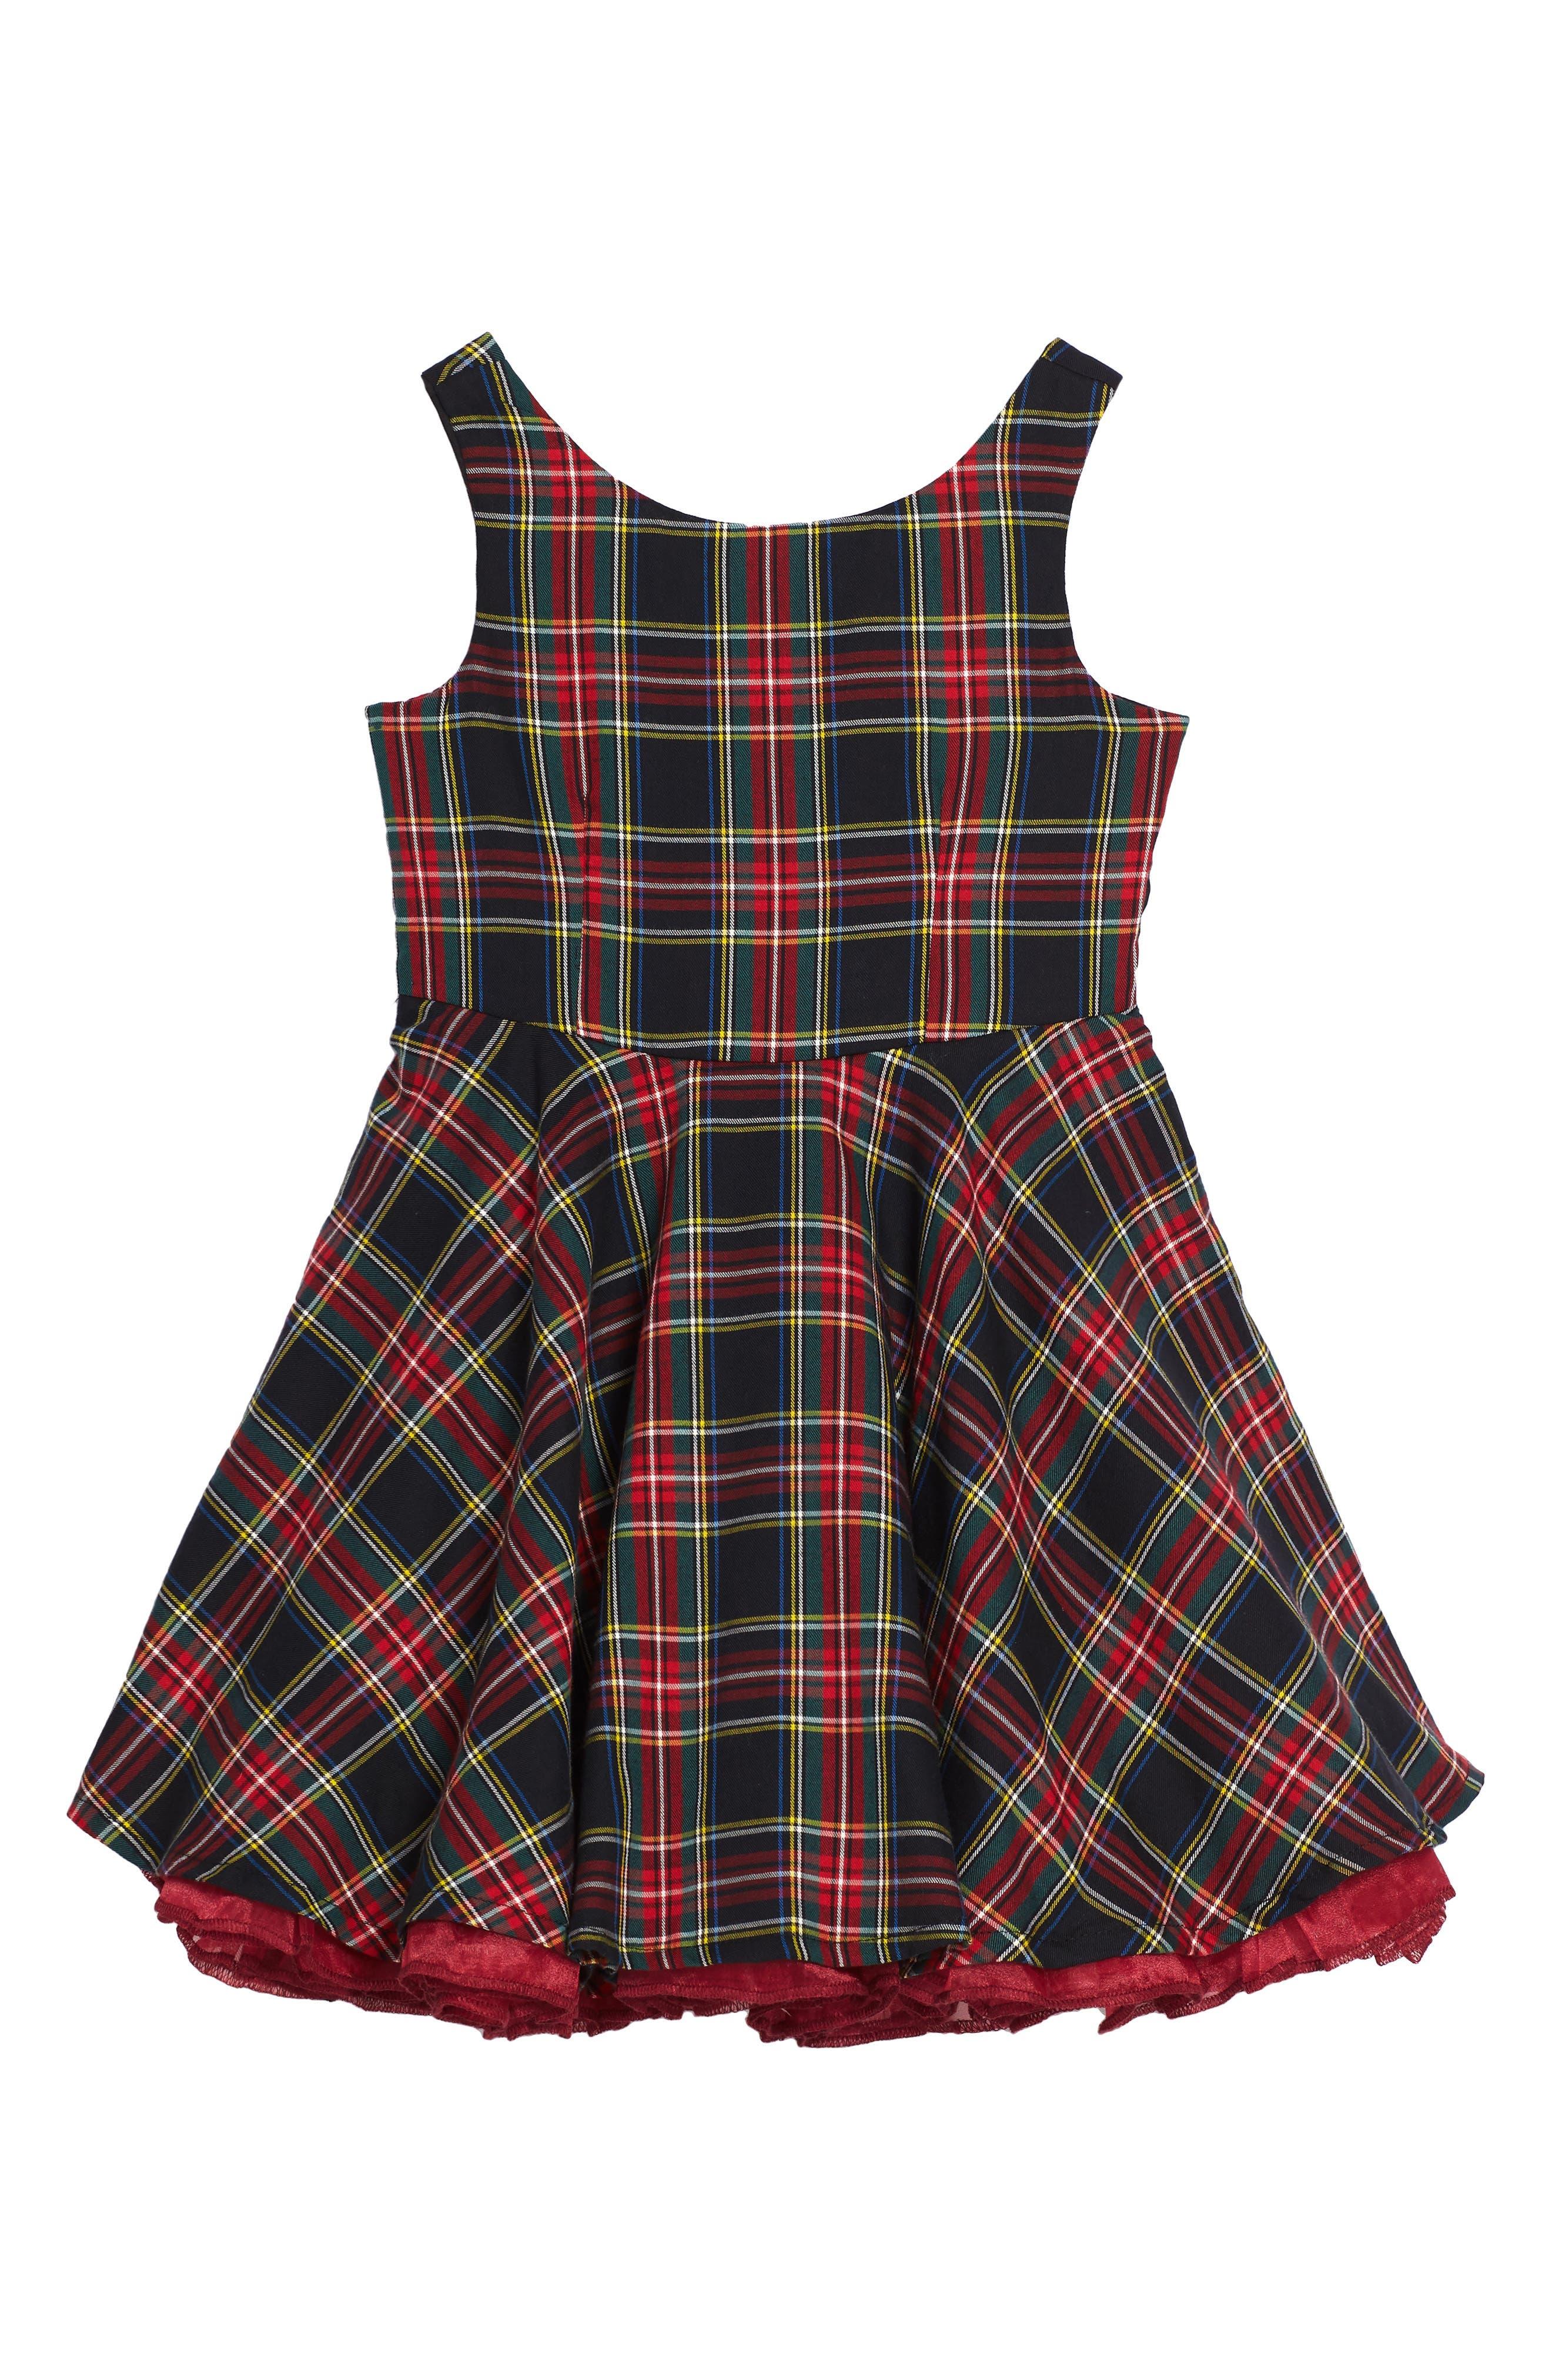 Main Image - Fiveloaves Twofish Tartan Party Dress (Toddler Girls & Little Girls)